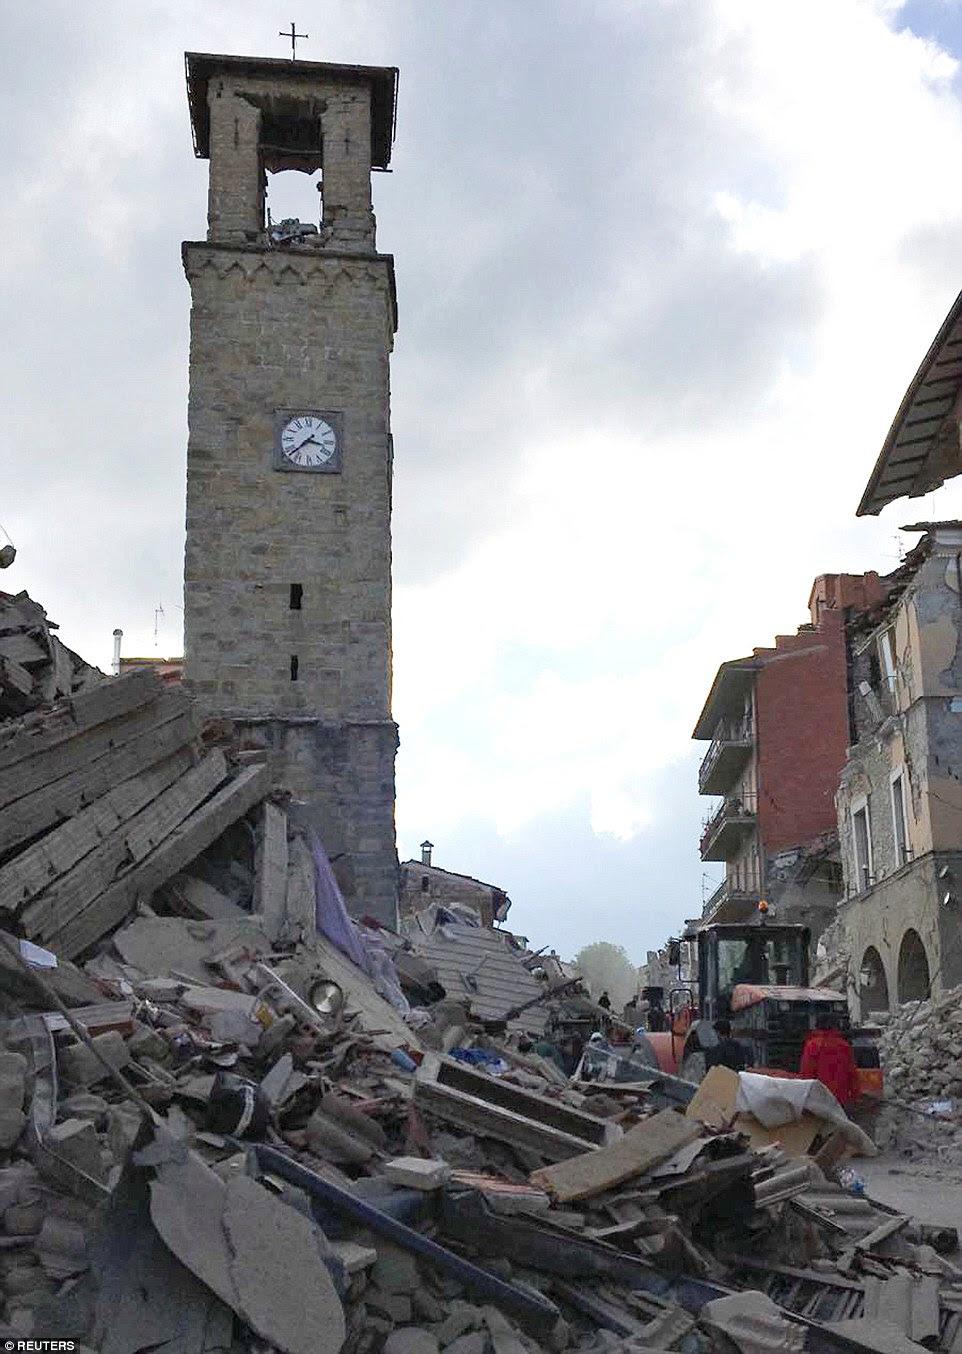 Congelada no tempo: O século 13 torre sineira parcialmente danificado foi um dos poucos edifícios históricos no centro de Amatrice que permaneceu de pé.  O relógio estranhamente assina o momento em que o terremoto atingiu a cidade